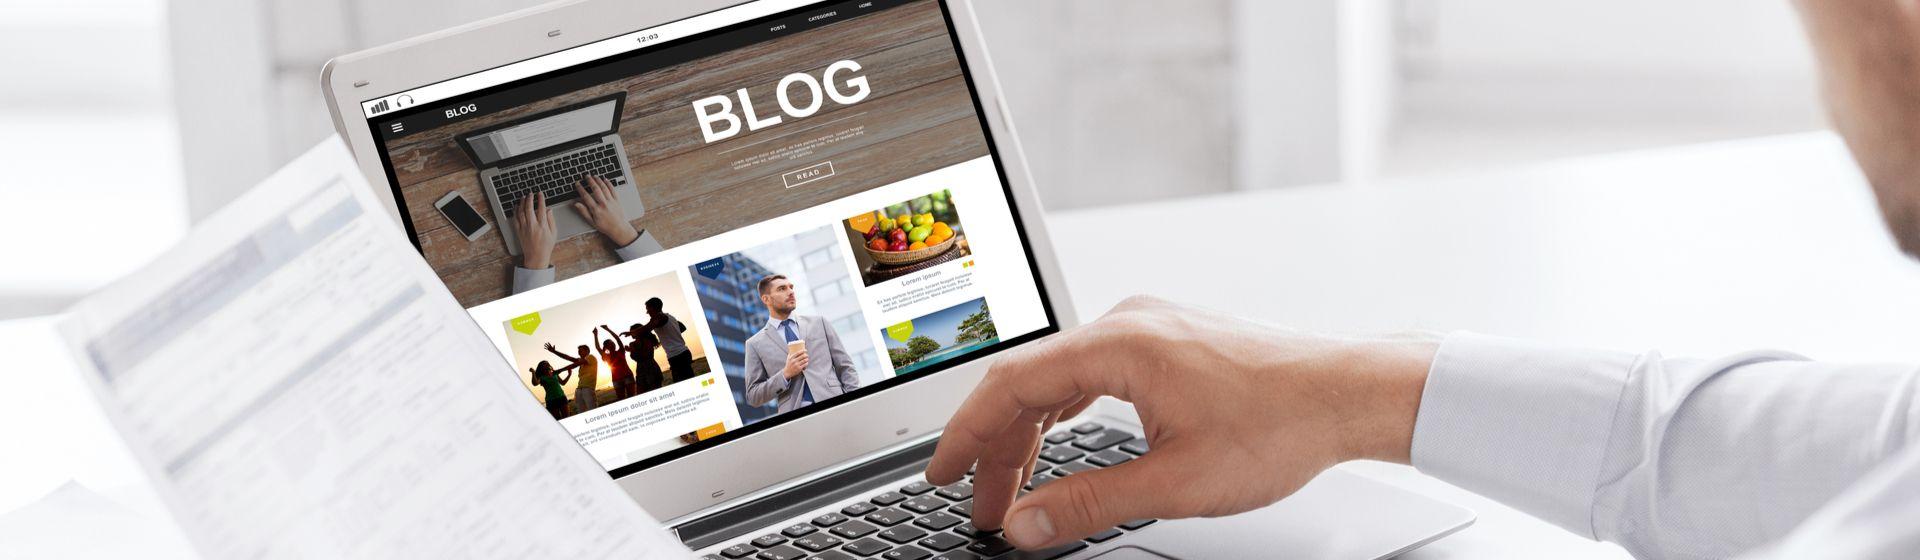 Como criar um blog? Veja melhores opções e plataformas